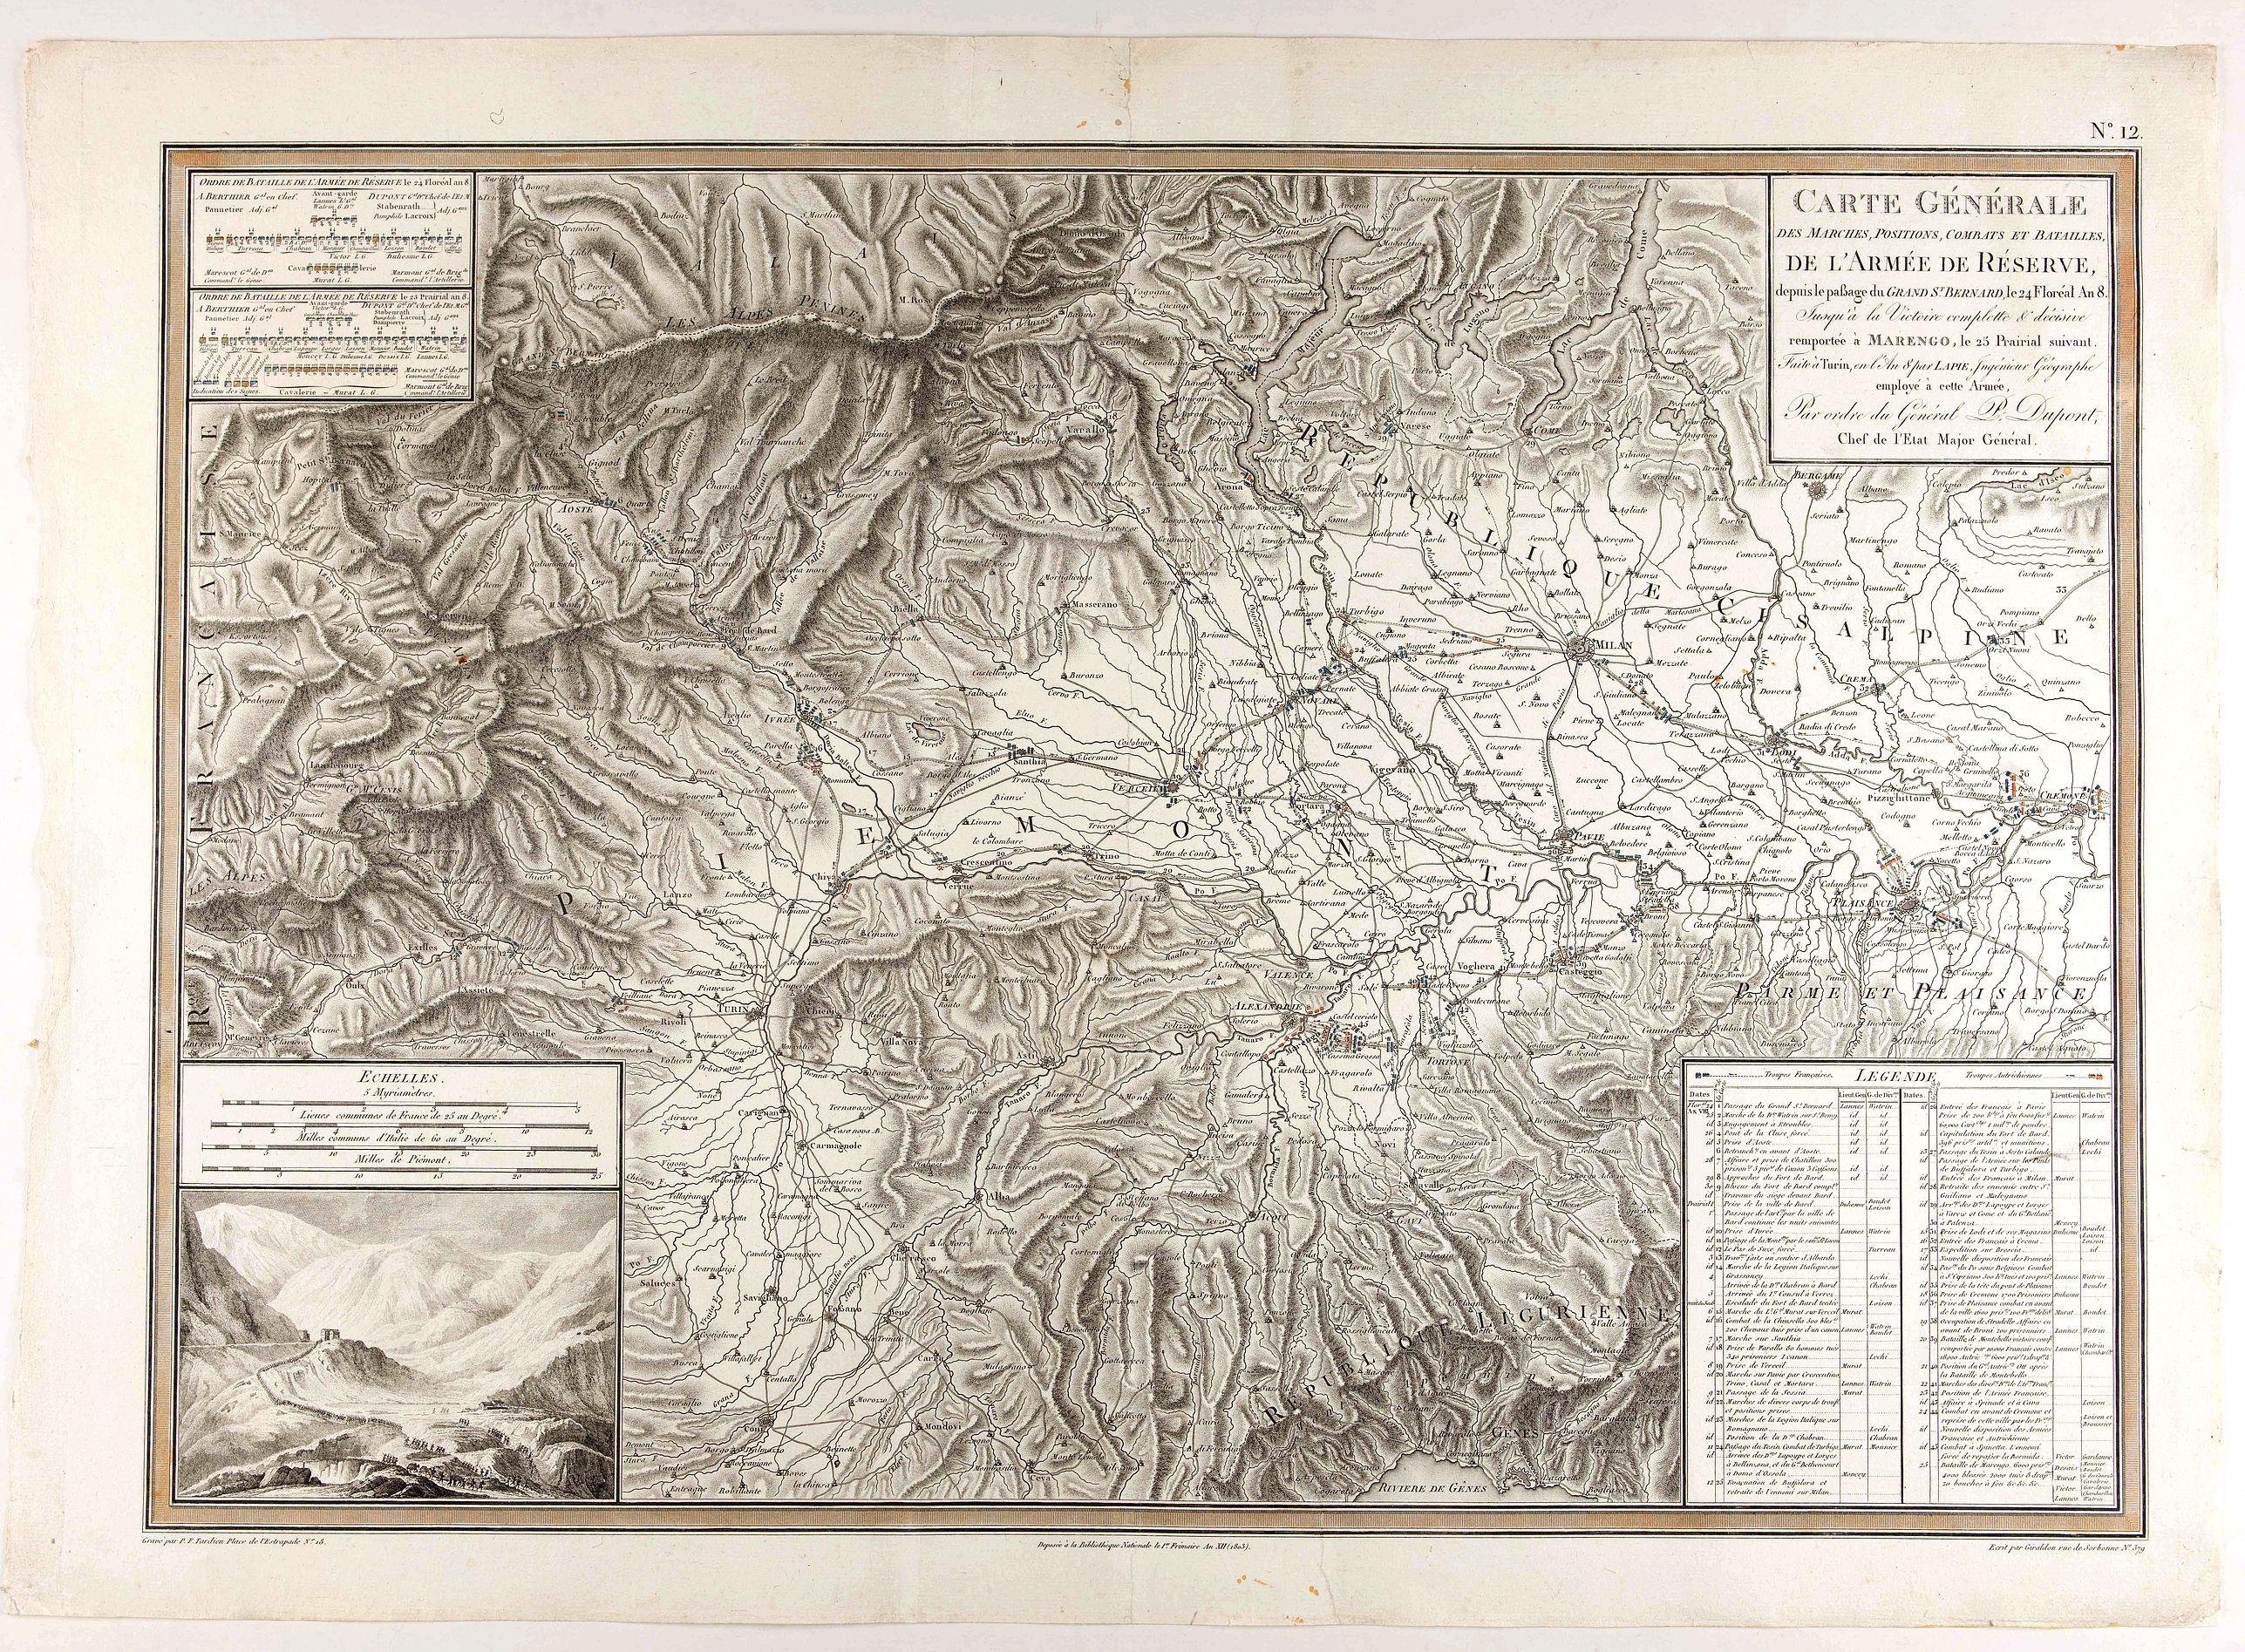 TARDIEU, P.F -   Carte générale des marches, positions, combats et batailles de l'Armée de réserve. . . (N°12)